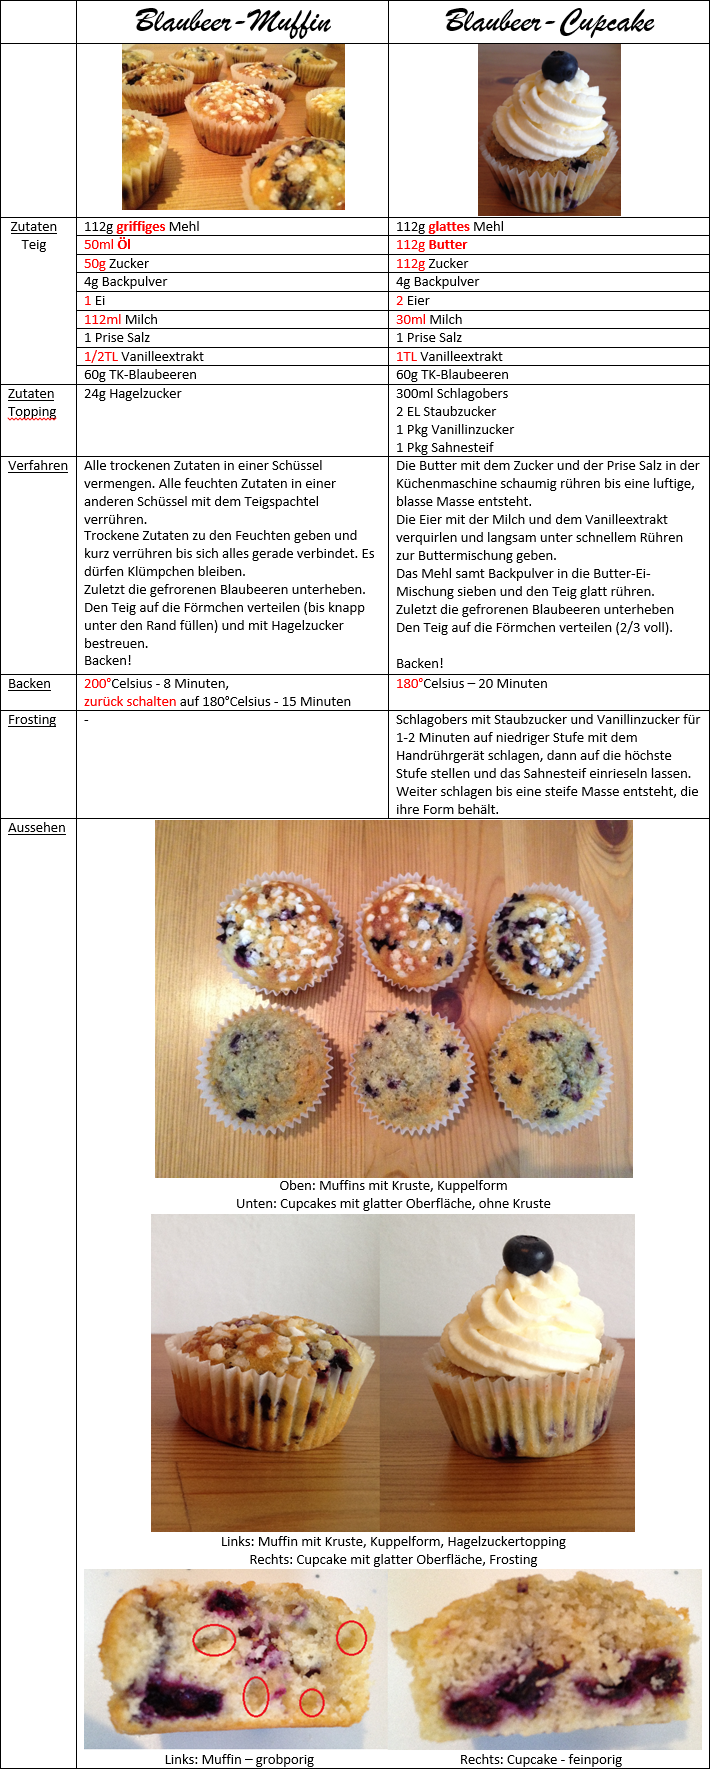 Der Wahre Unterschied Zwischen Cupcakes Und Muffins Blaubeeren Lebensmittel Essen Leckeres Essen